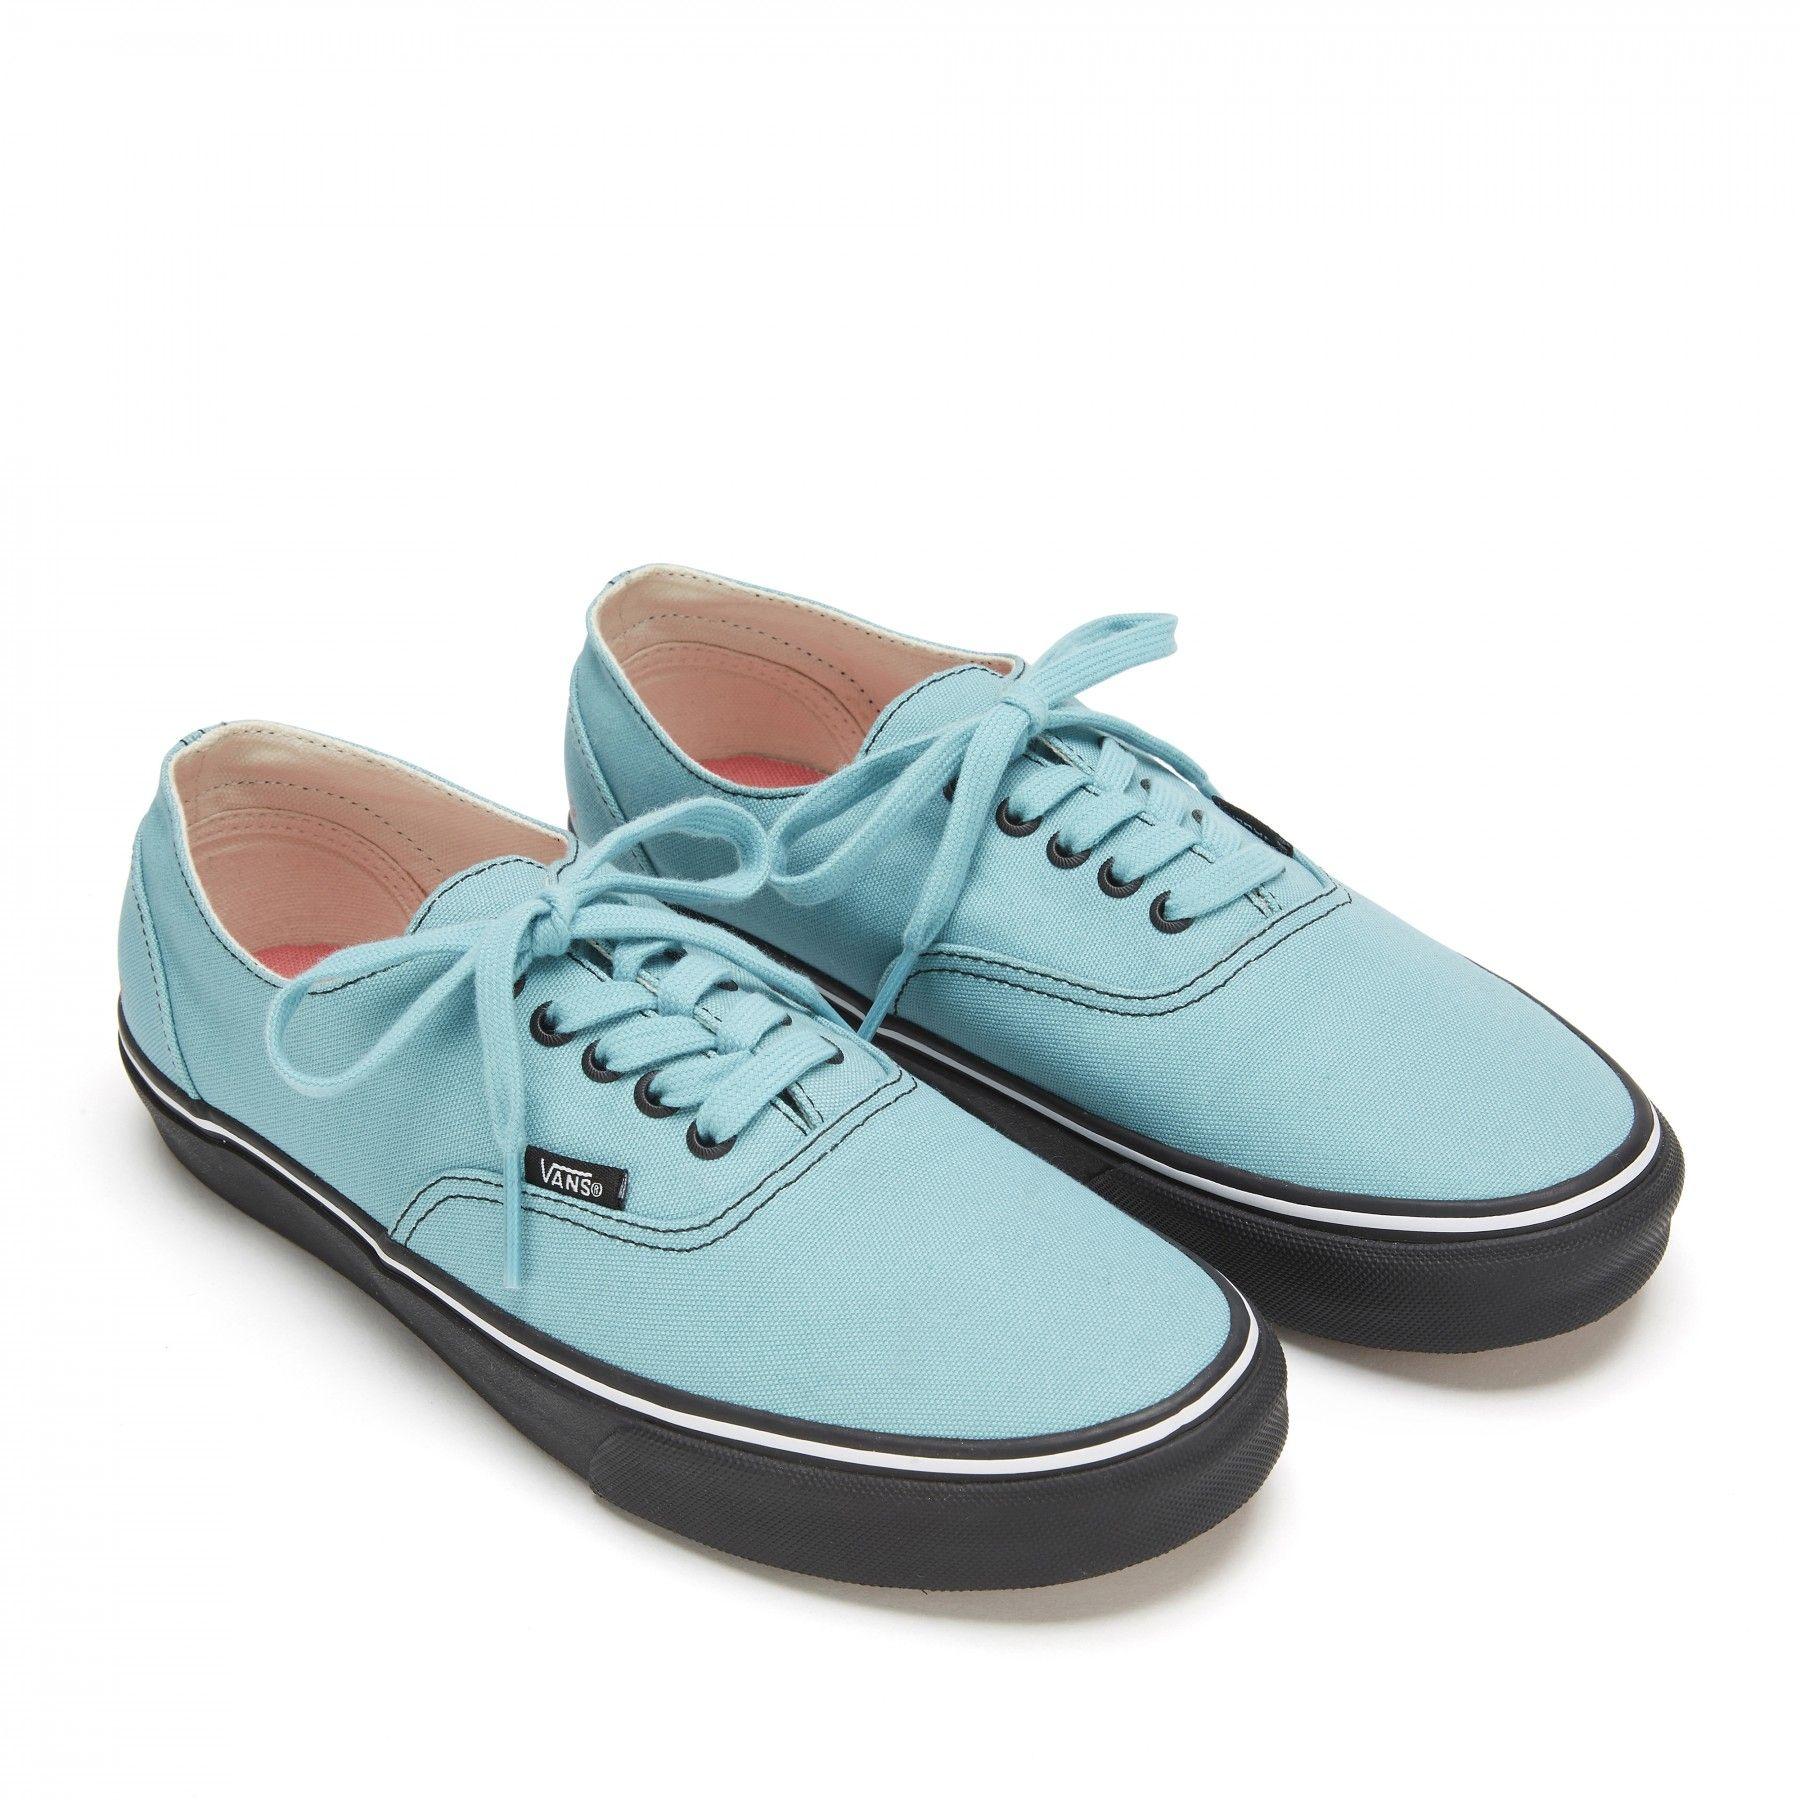 new styles 7c691 98824 Gosha Rubchinskiy x Vans Authentic (Blue)